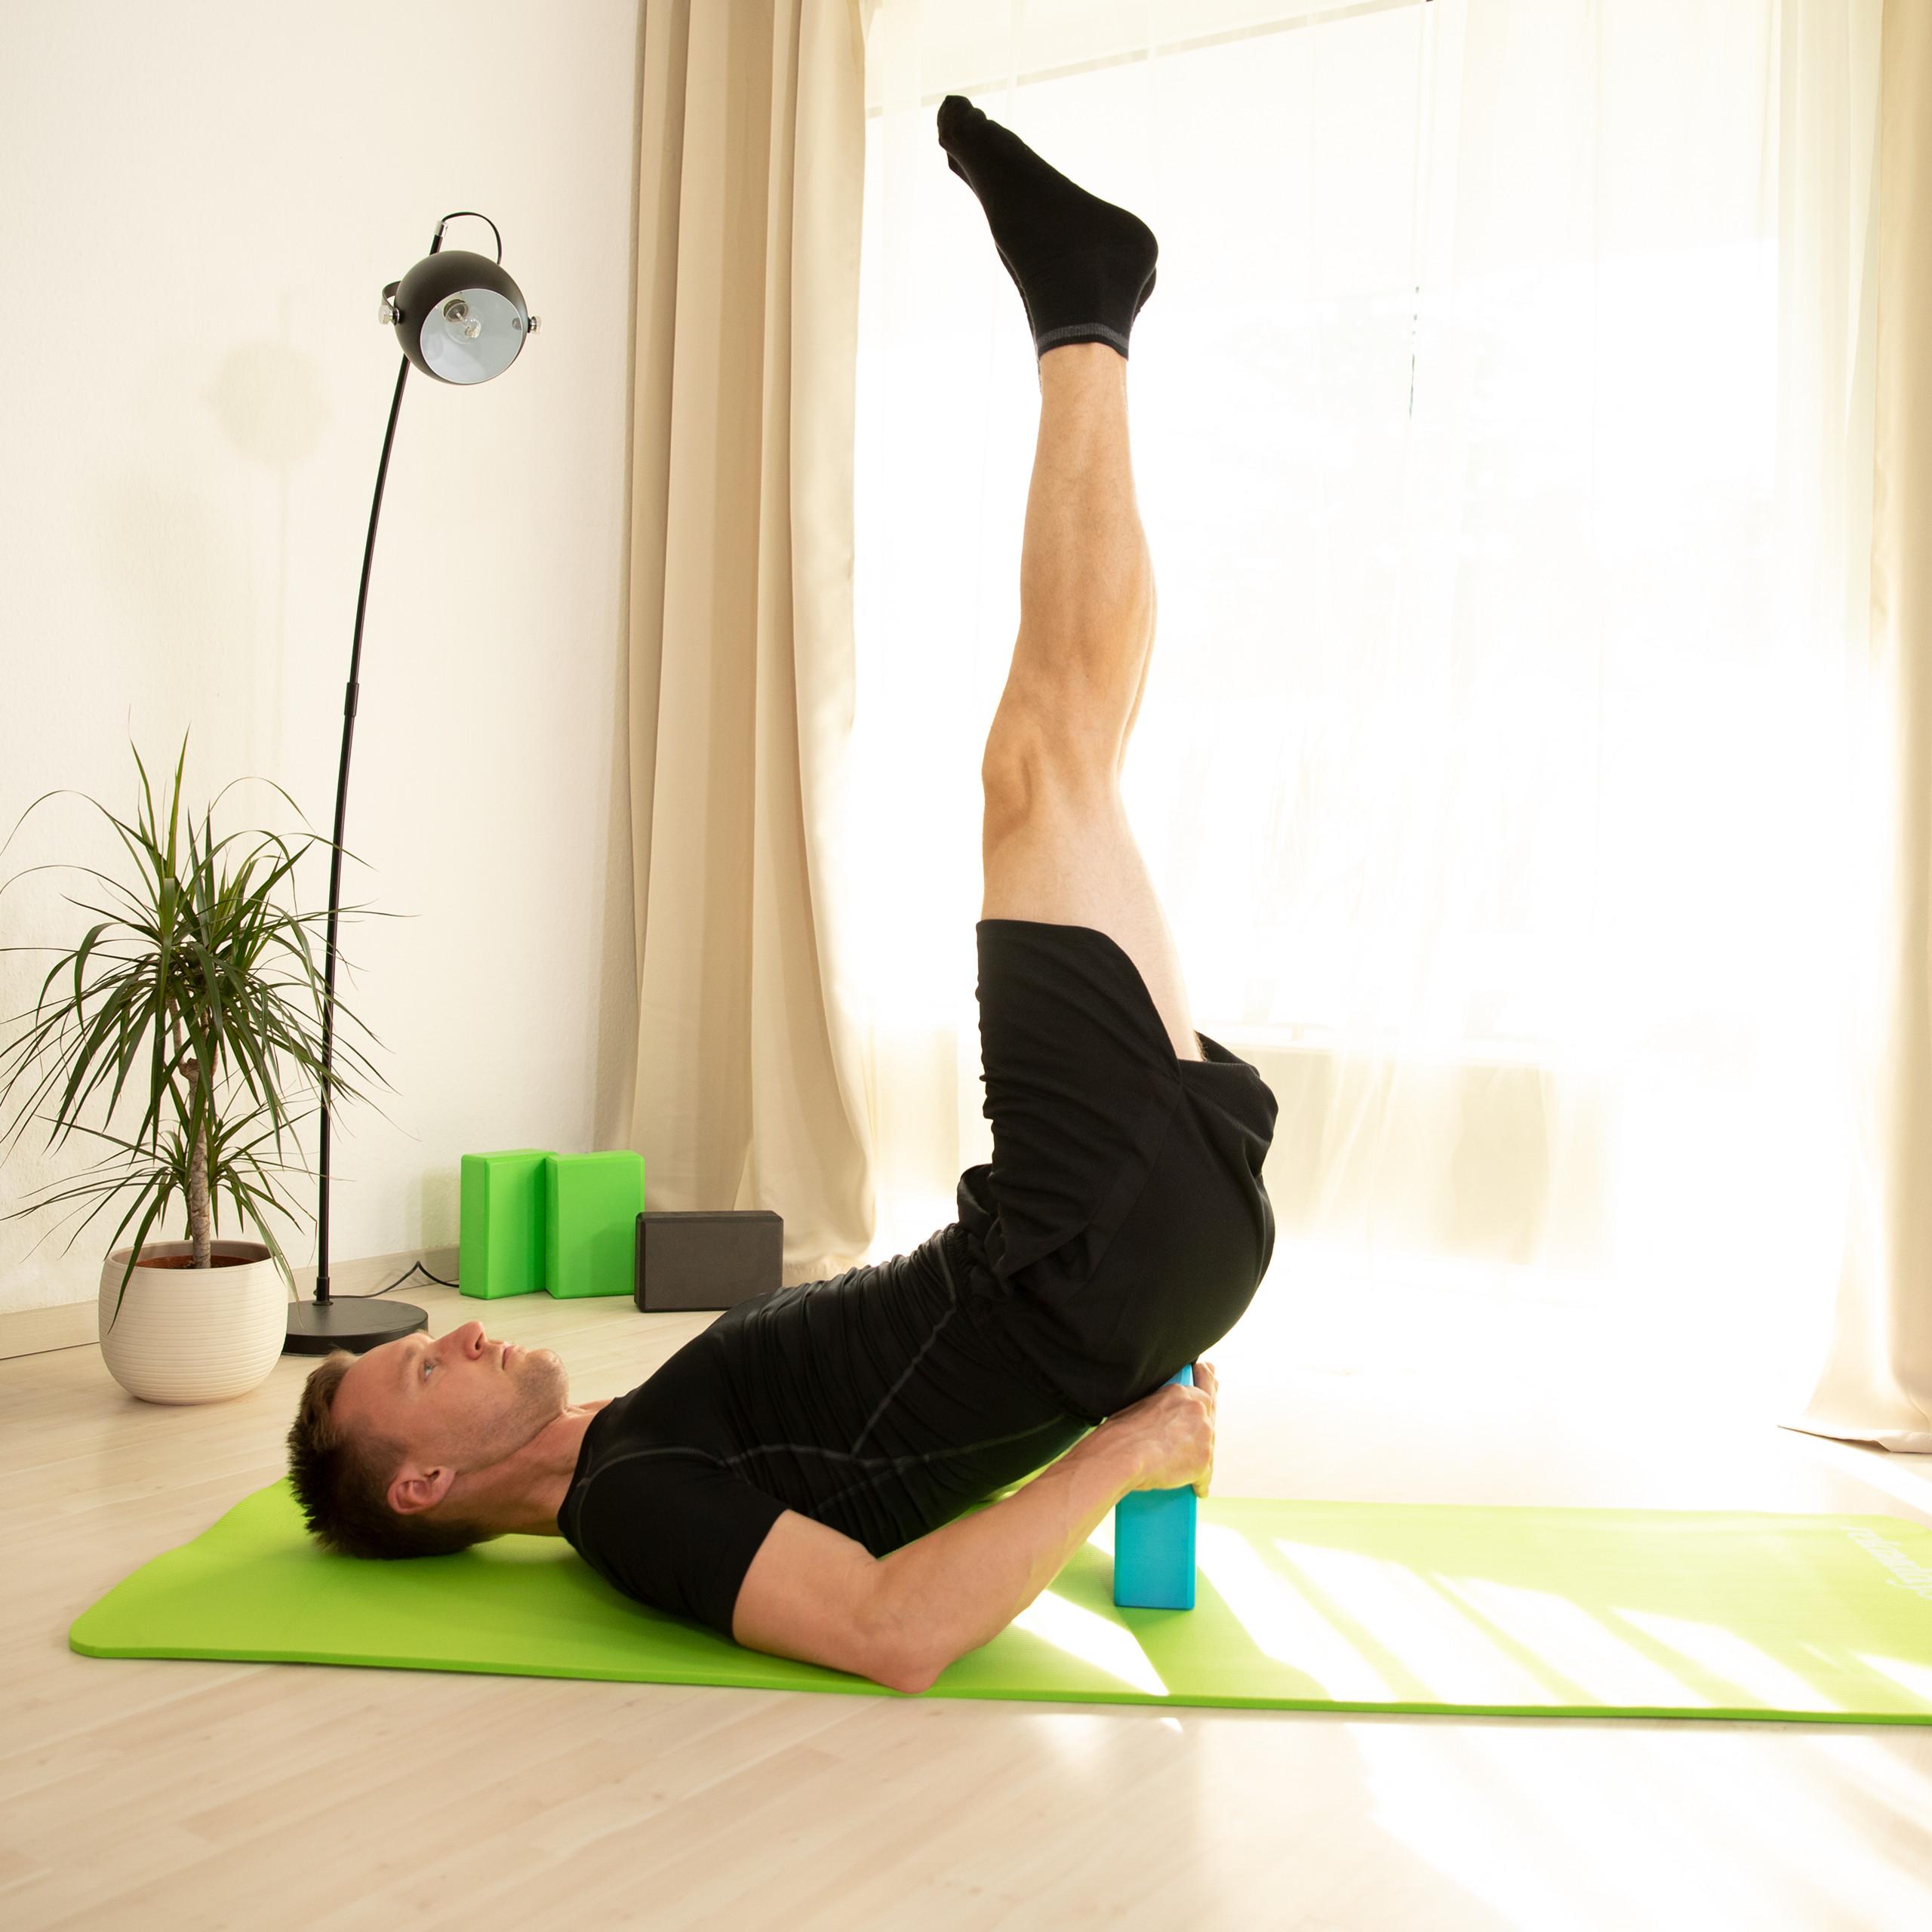 Pack-de-2-bloques-yoga-de-gomaespuma-Tacos-yoga-en-varios-colores-Ladrillos-yoga miniatura 5